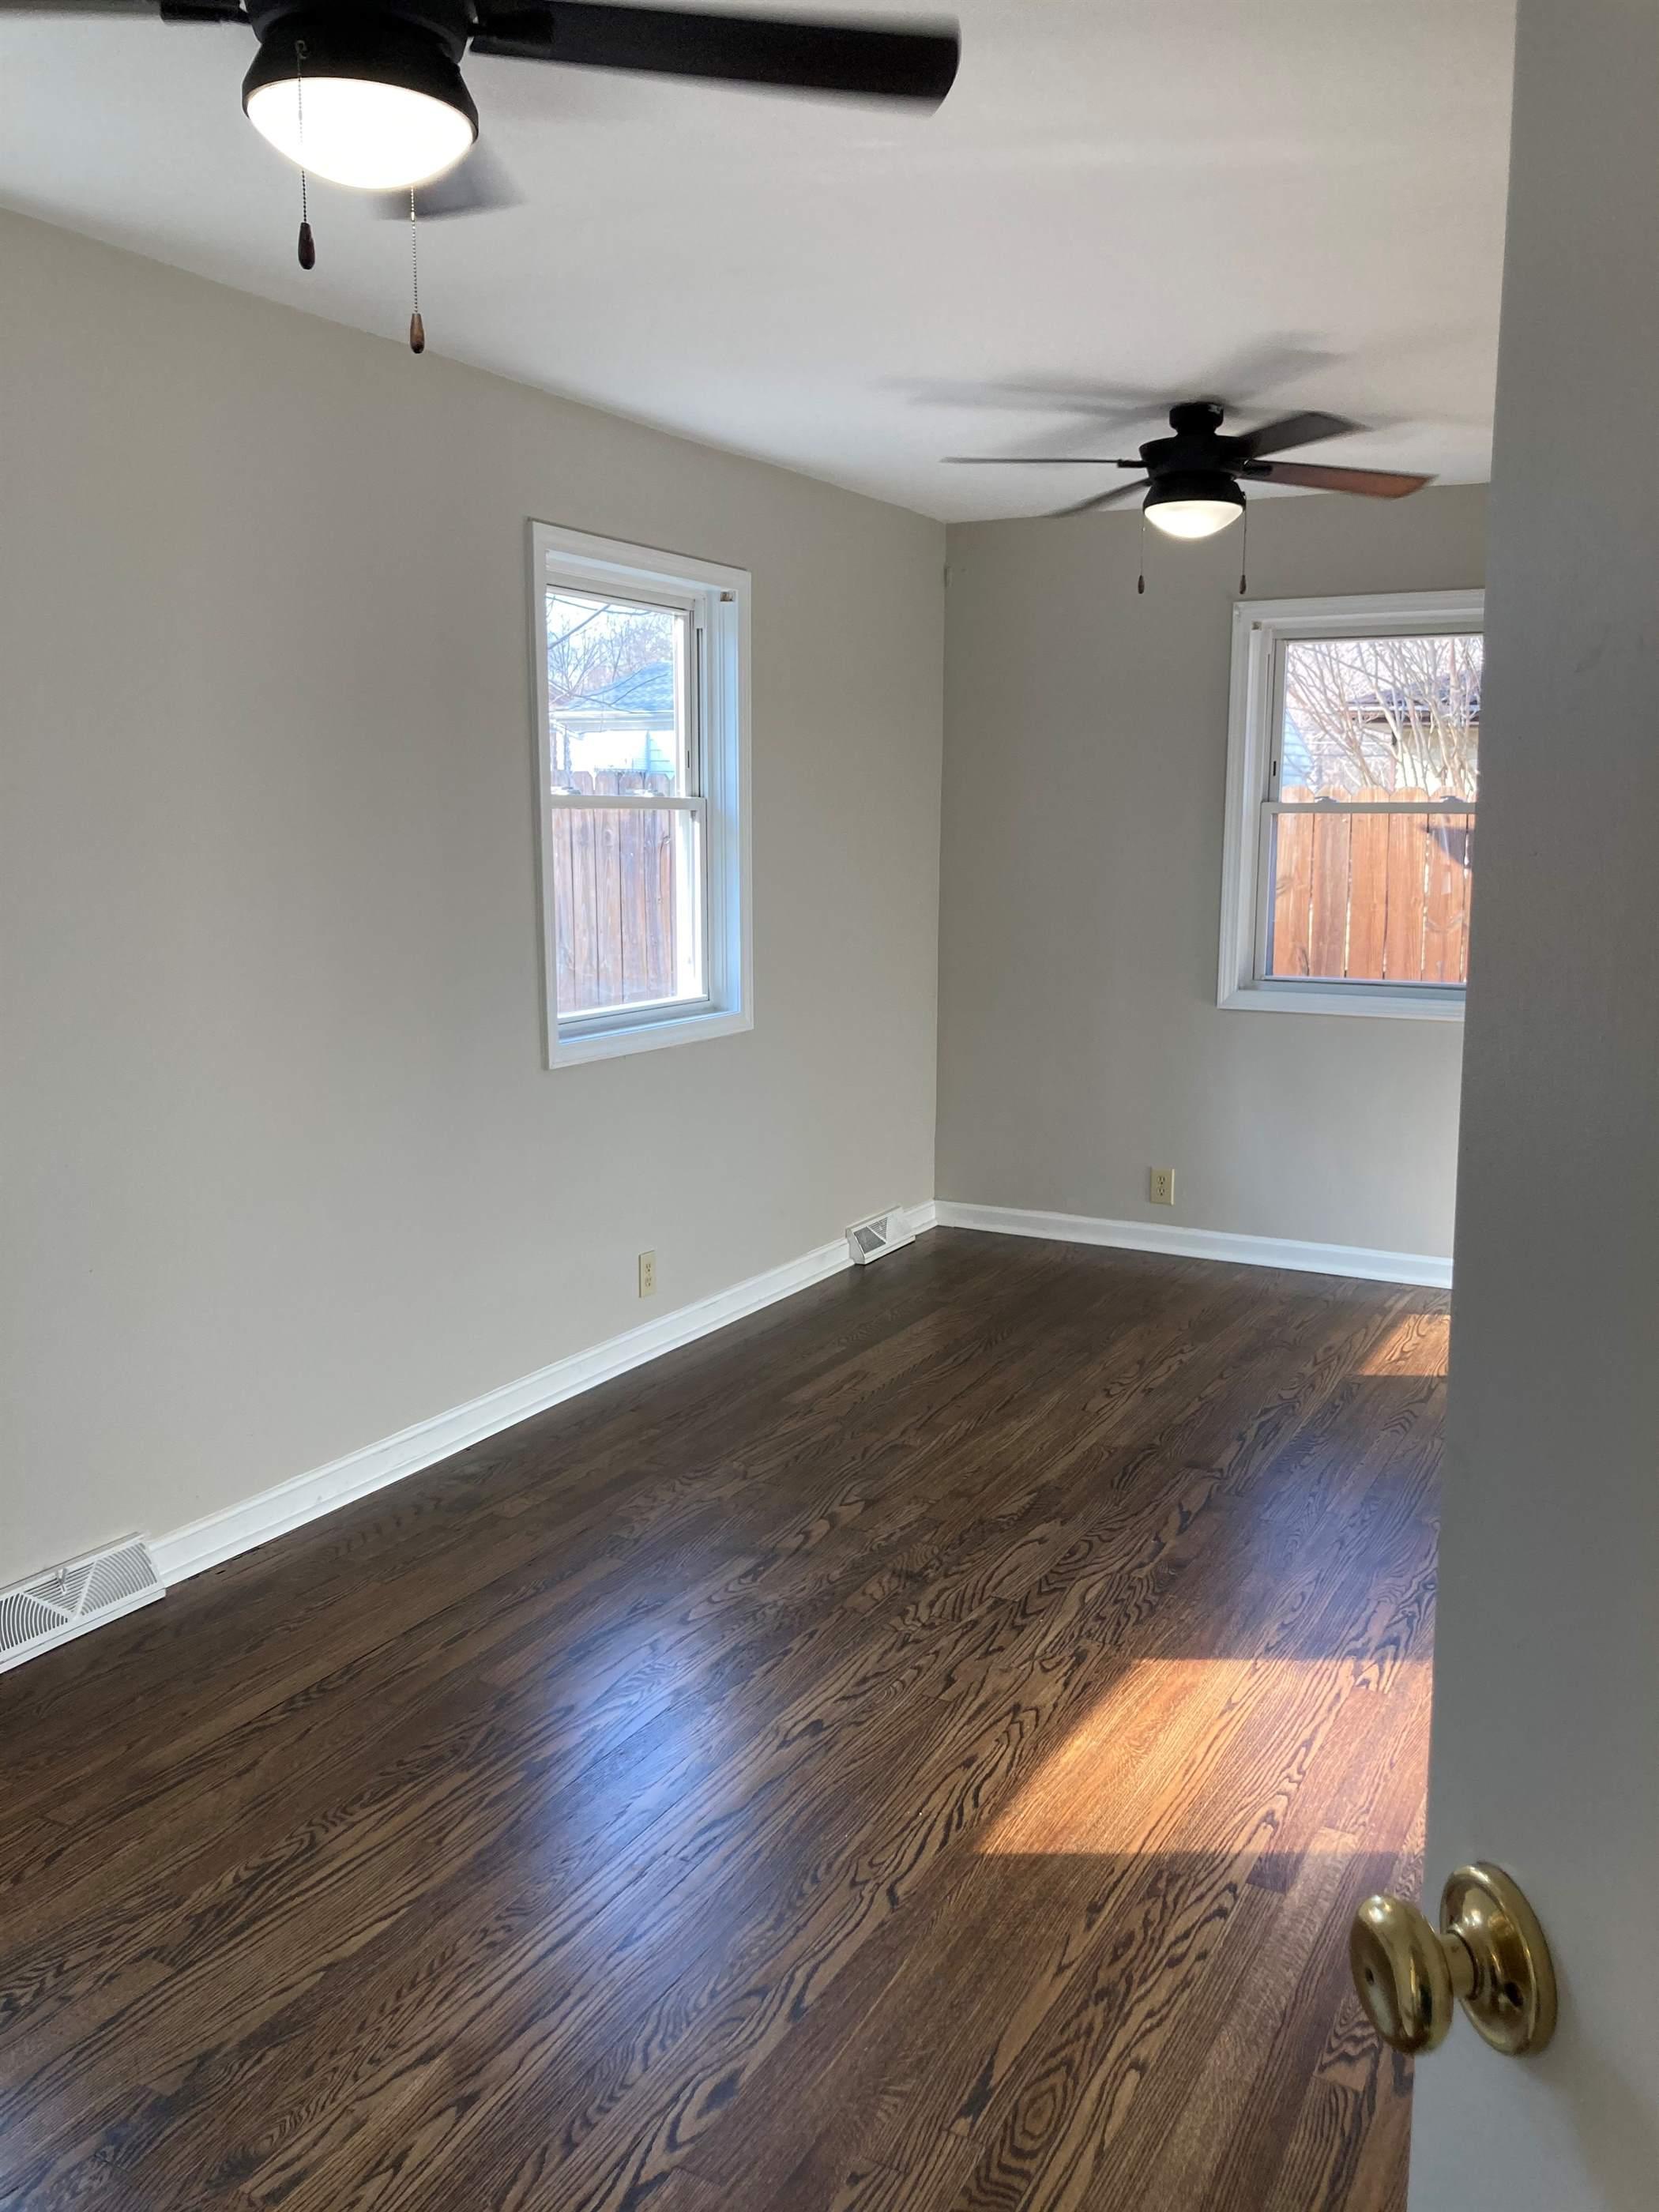 4620 Weaver Rd, Evansville, IN 47711